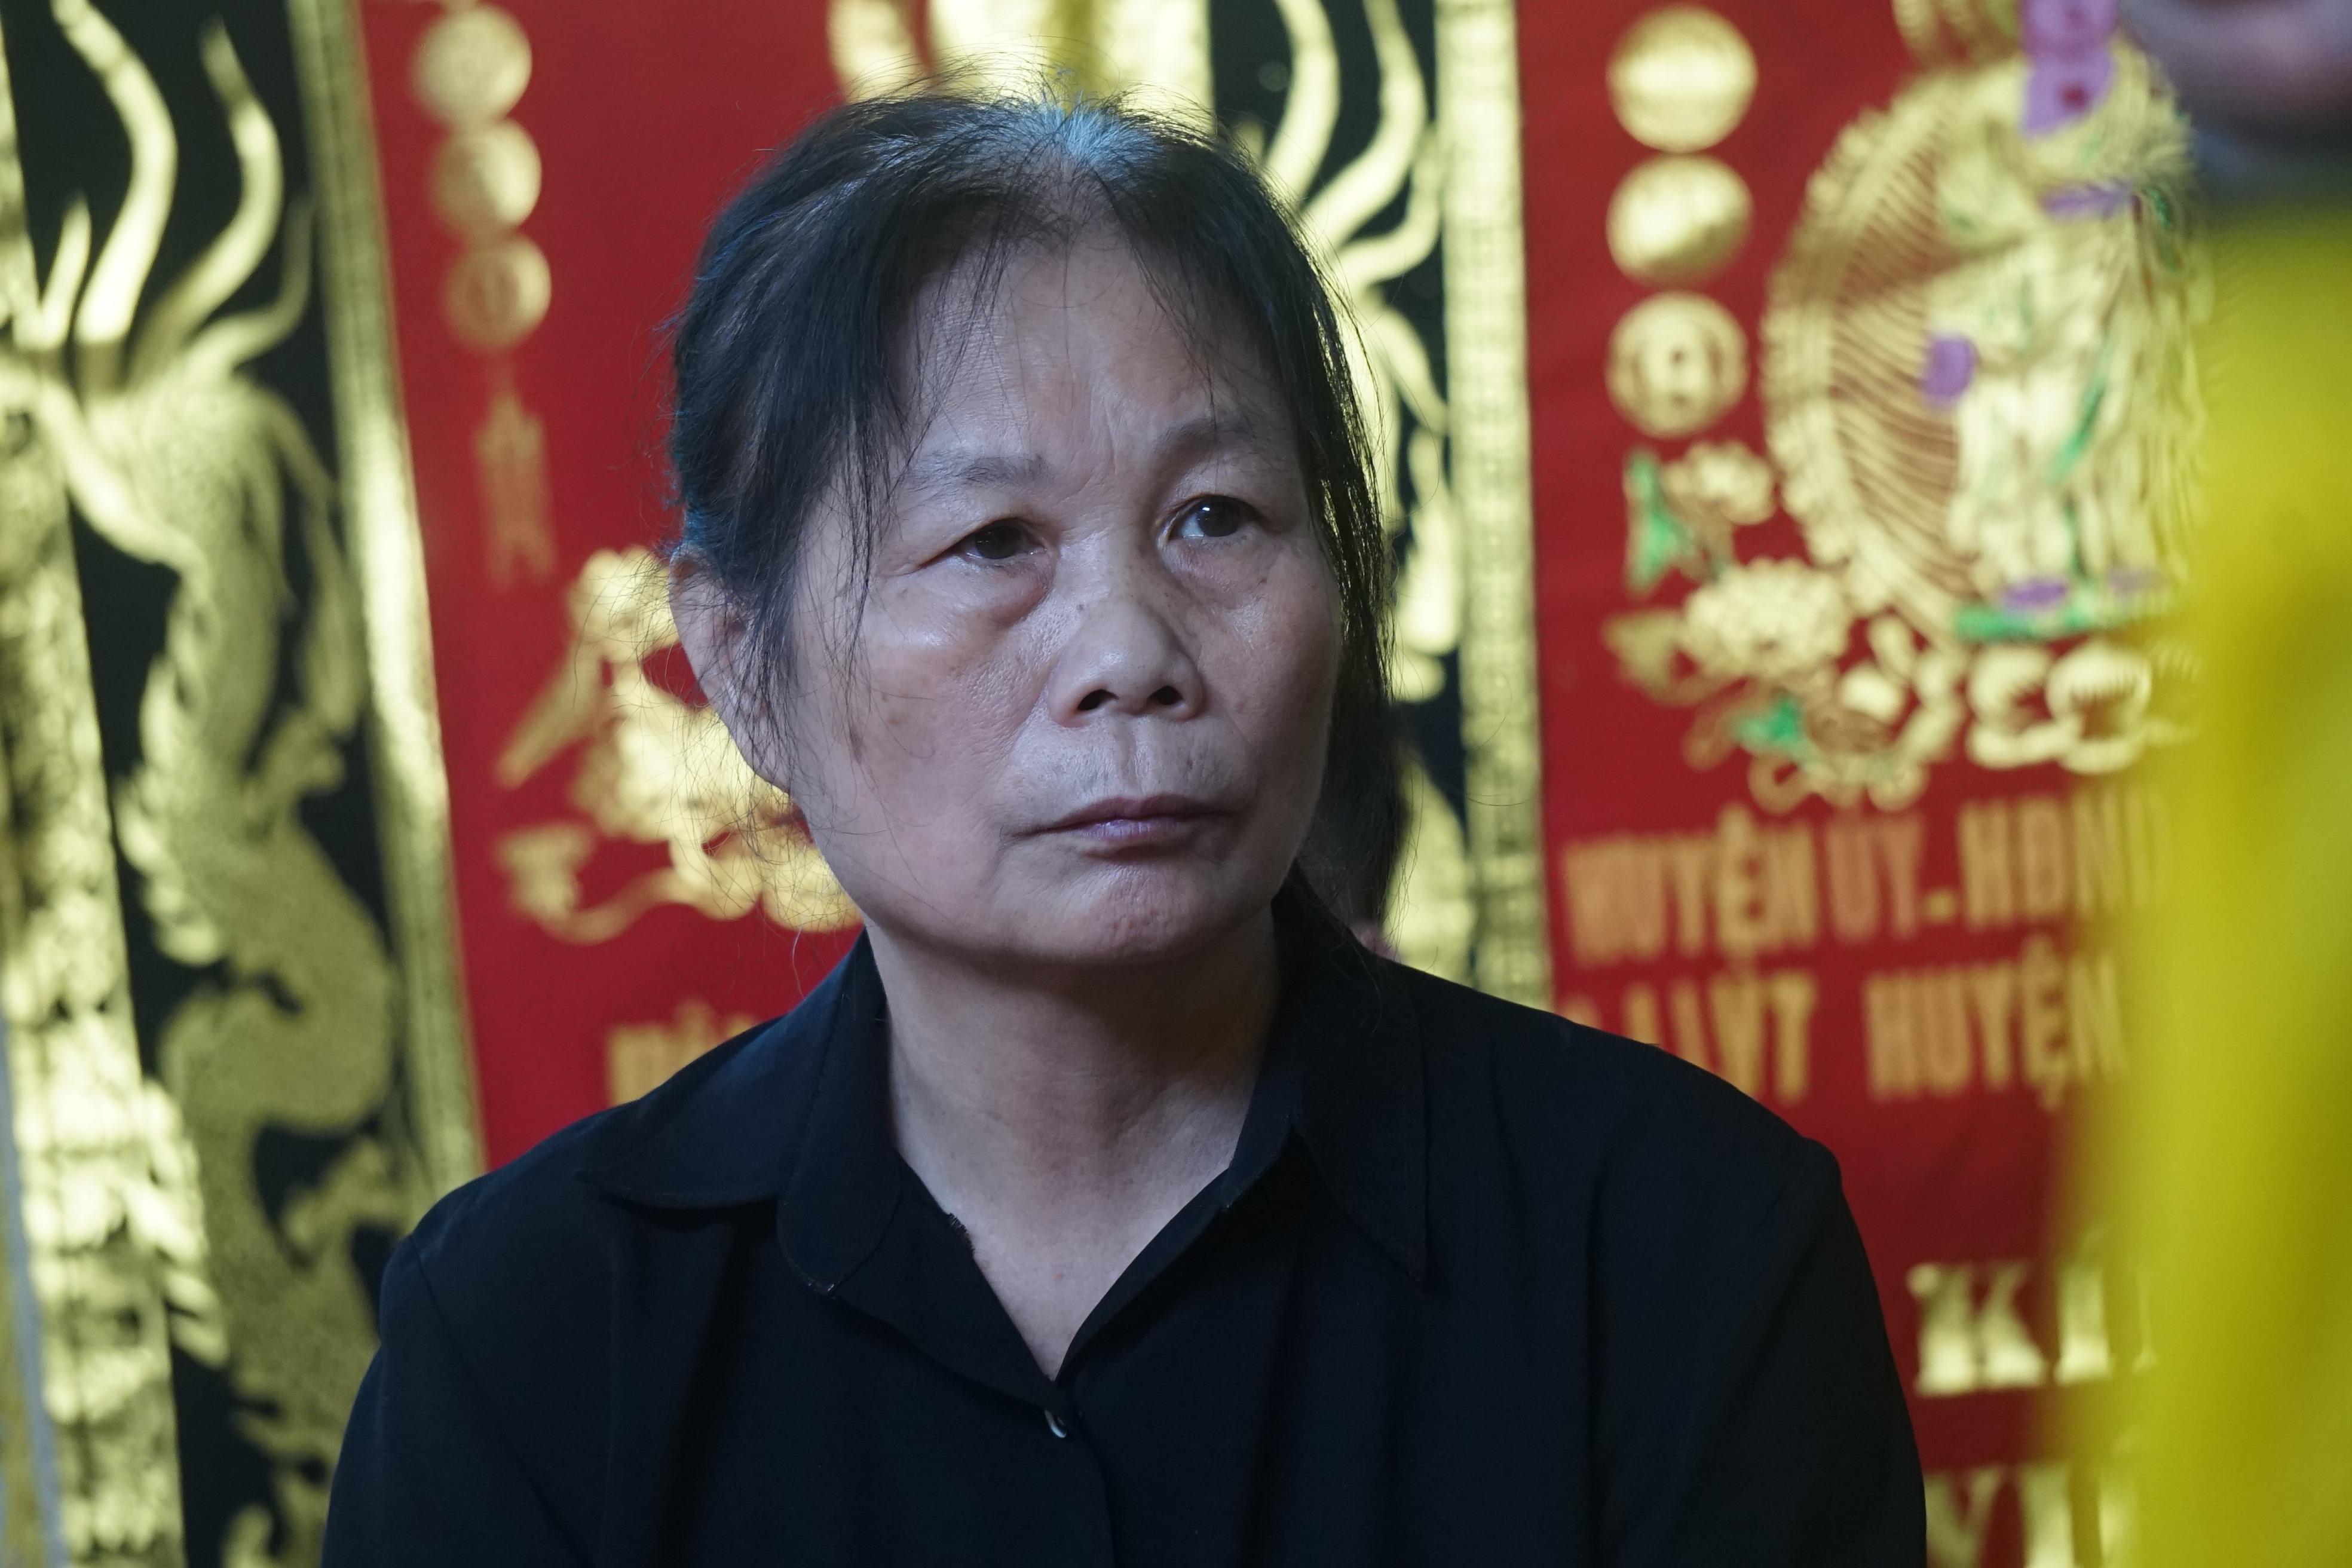 Nước mắt tiễn biệt liệt sỹ Đoàn 337 bị vùi lấp ở Quảng Trị: Nào ngờ con đi không về nữa - Ảnh 13.